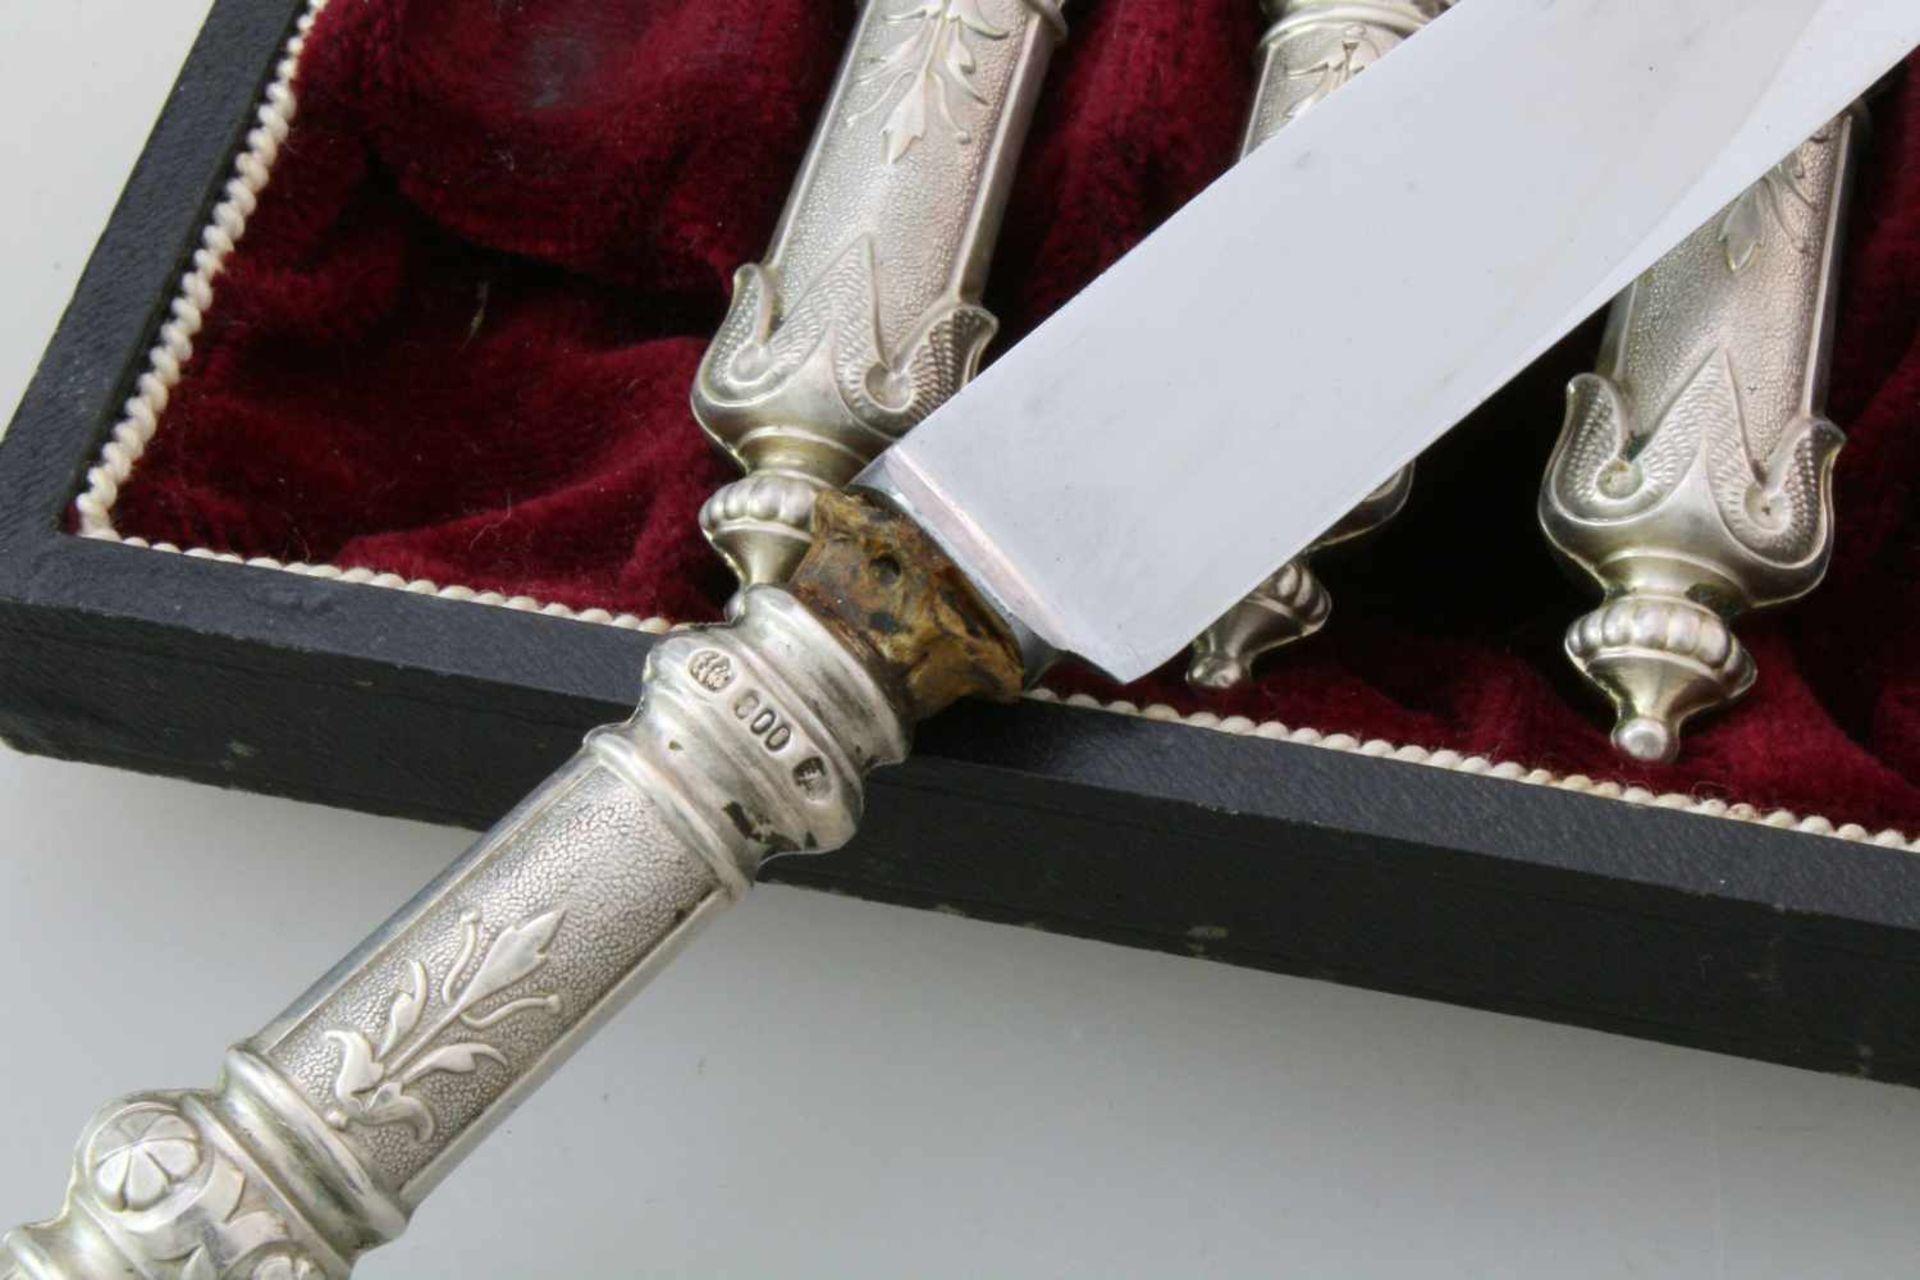 6 silberne Messer um 1900800er Silber, im Originaletui. Länge: 21,5 cm. - Bild 3 aus 4